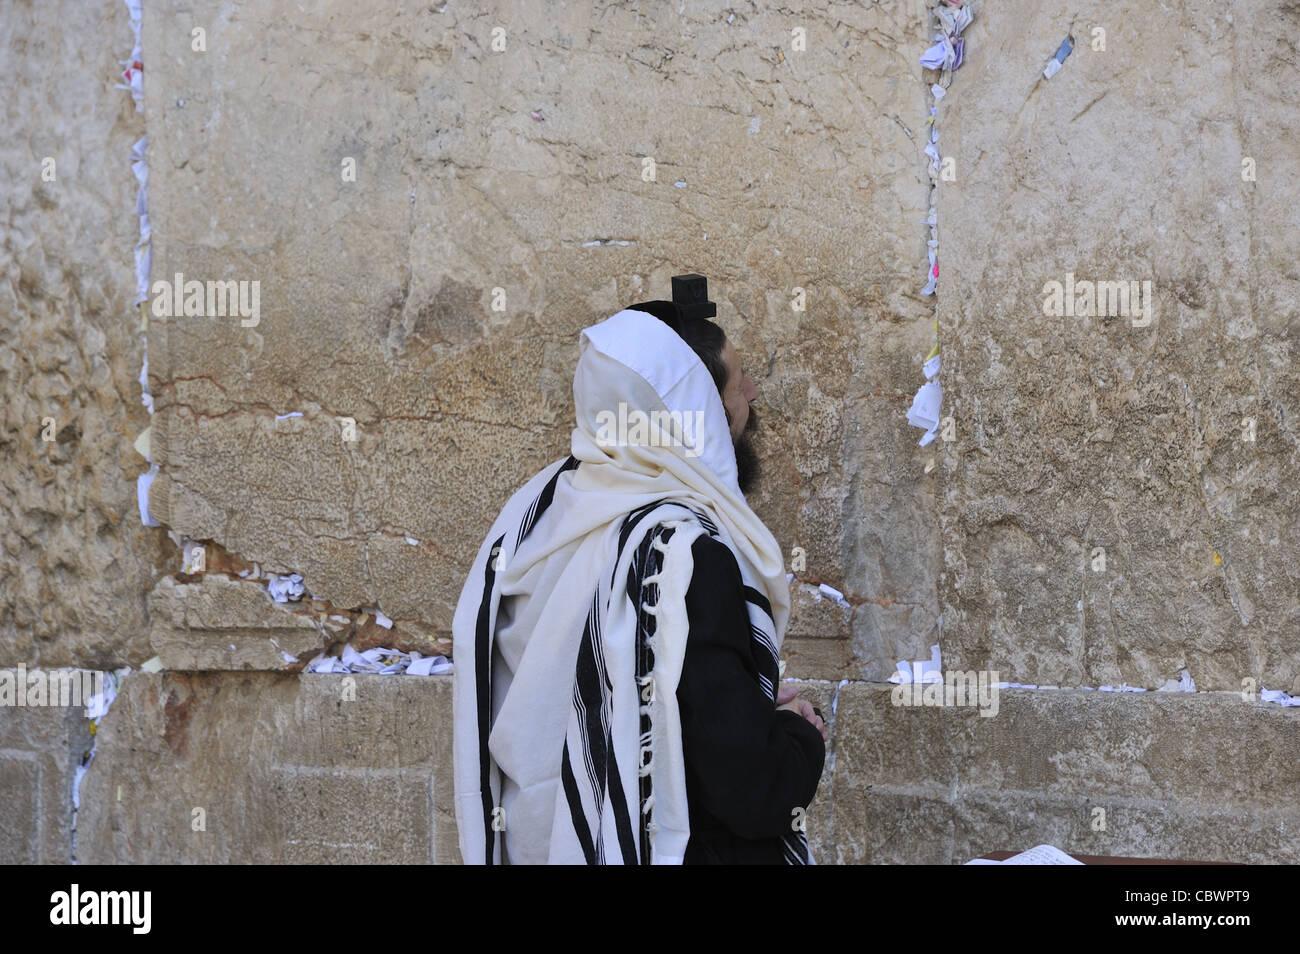 An Orthodox Jew prays by the Western Wall,Jerusalem - Stock Image